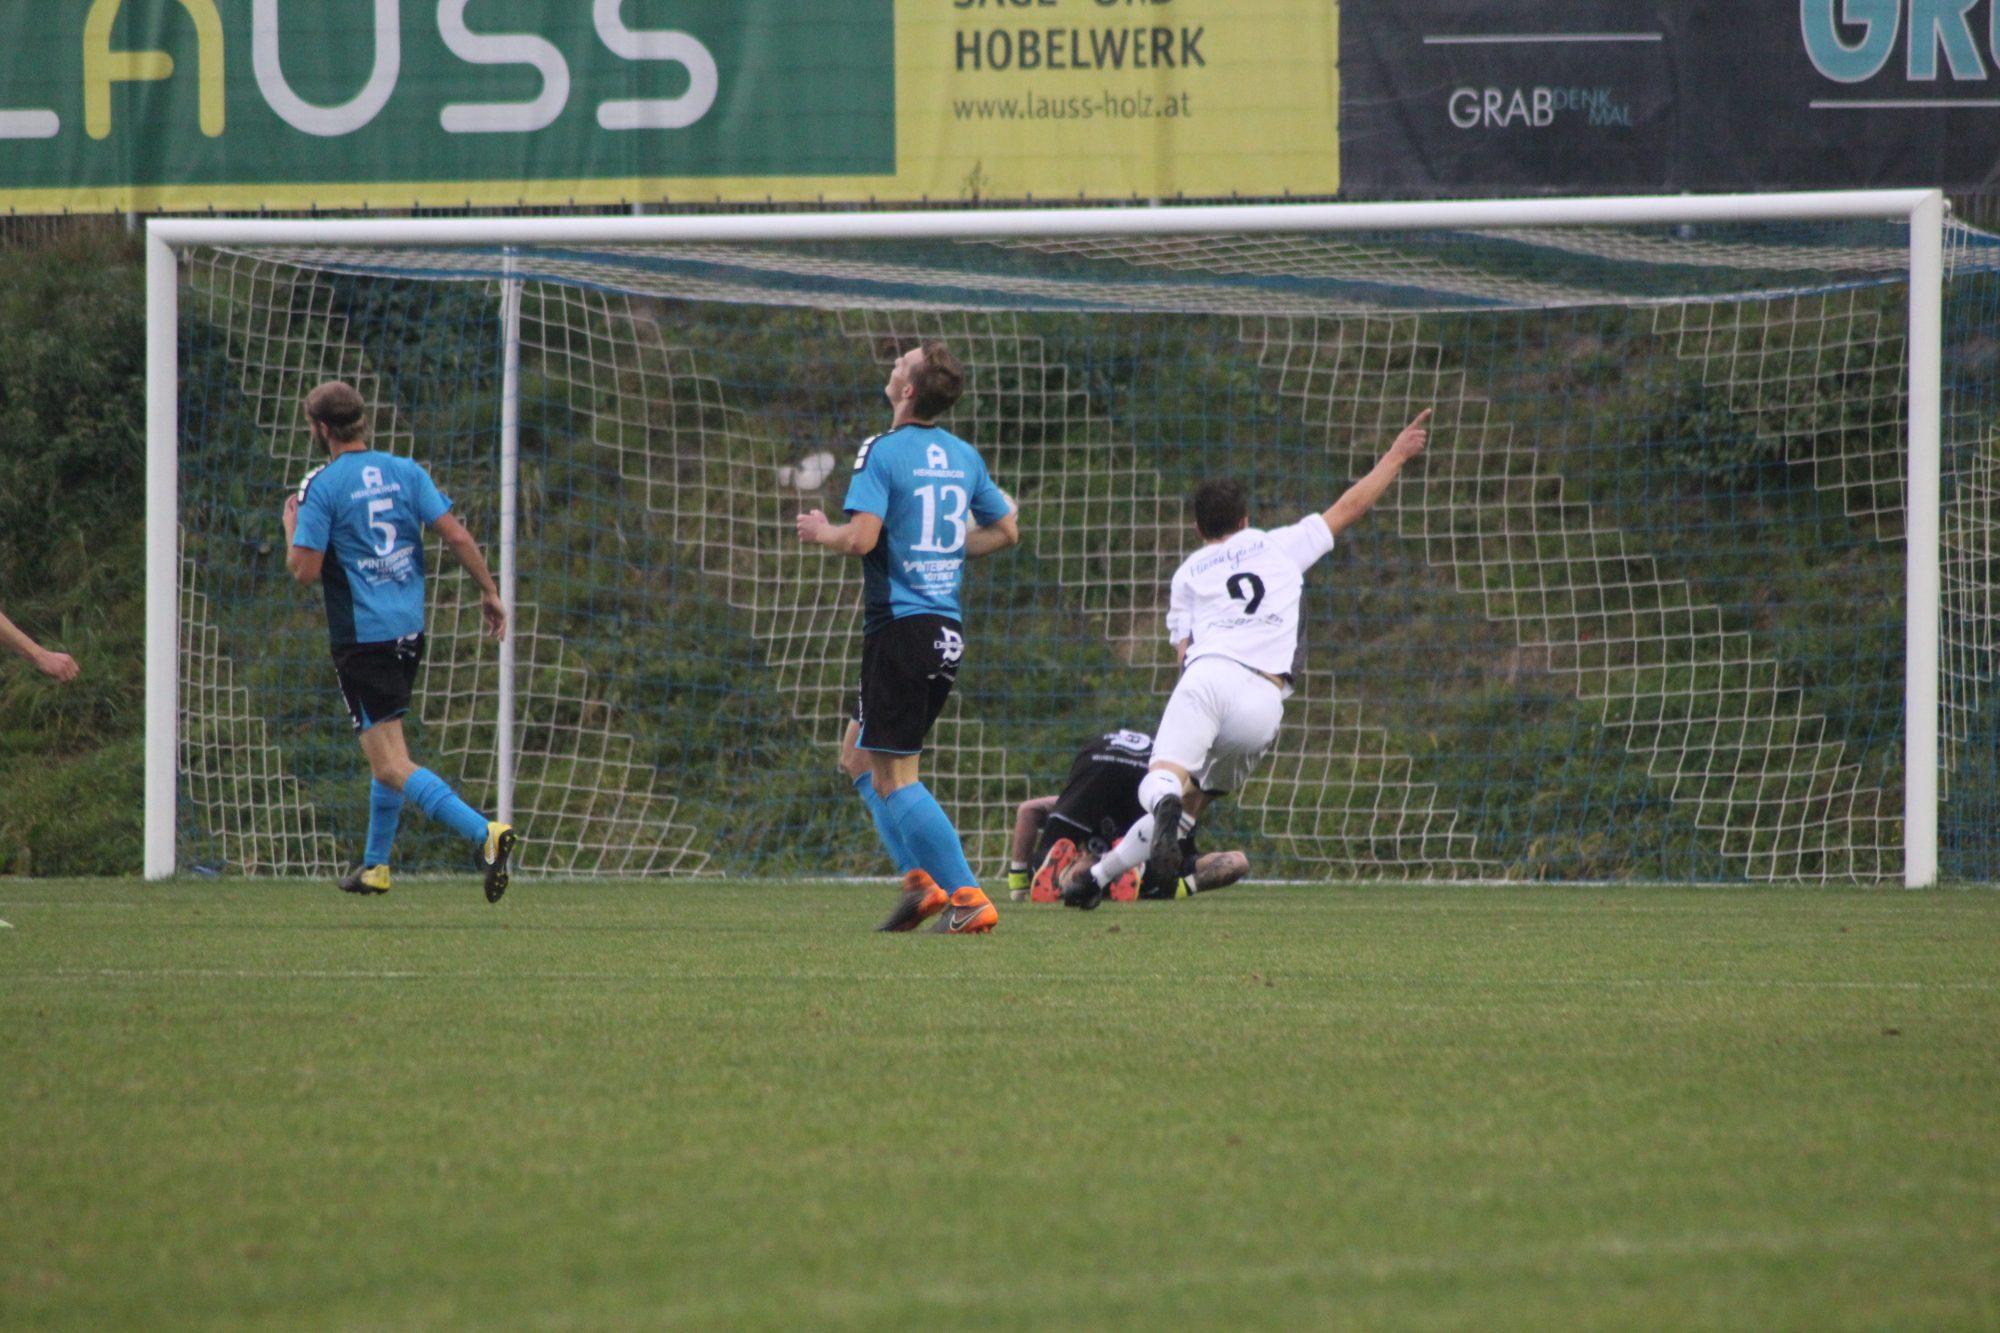 In der 32. Minute stellt Mathias Gabriel gekonnt auf 1:0